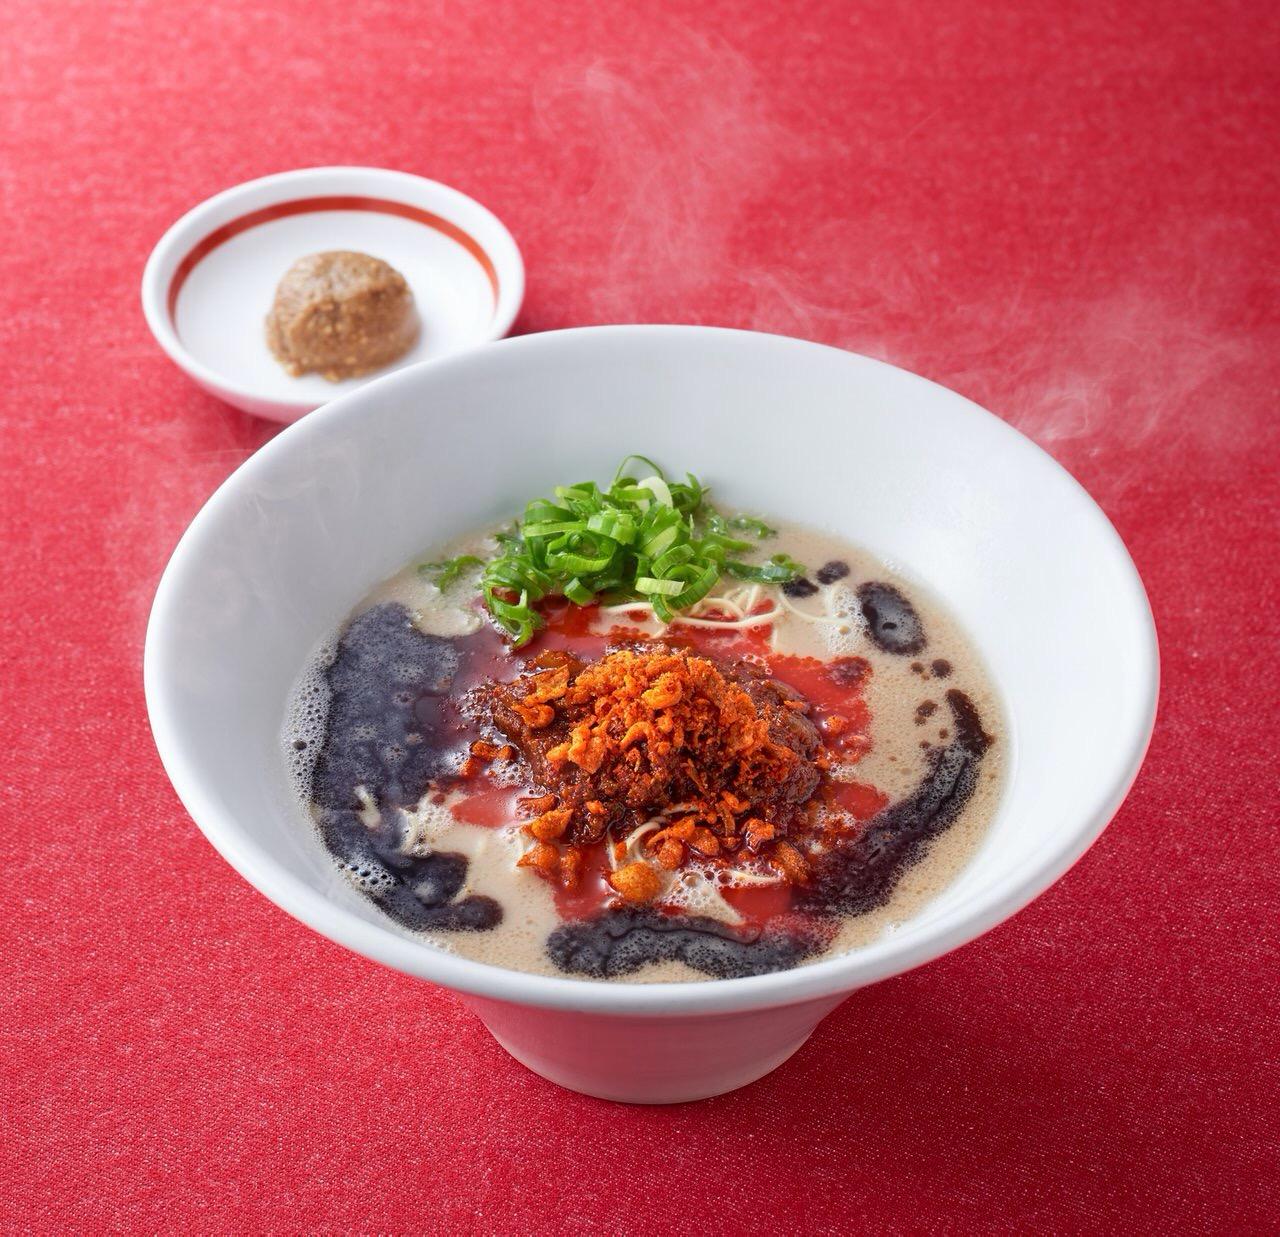 【一風堂】定番ラーメン「からか麺」を「極(きわみ)からか麺」としてリニューアル(10月16日発売開始)